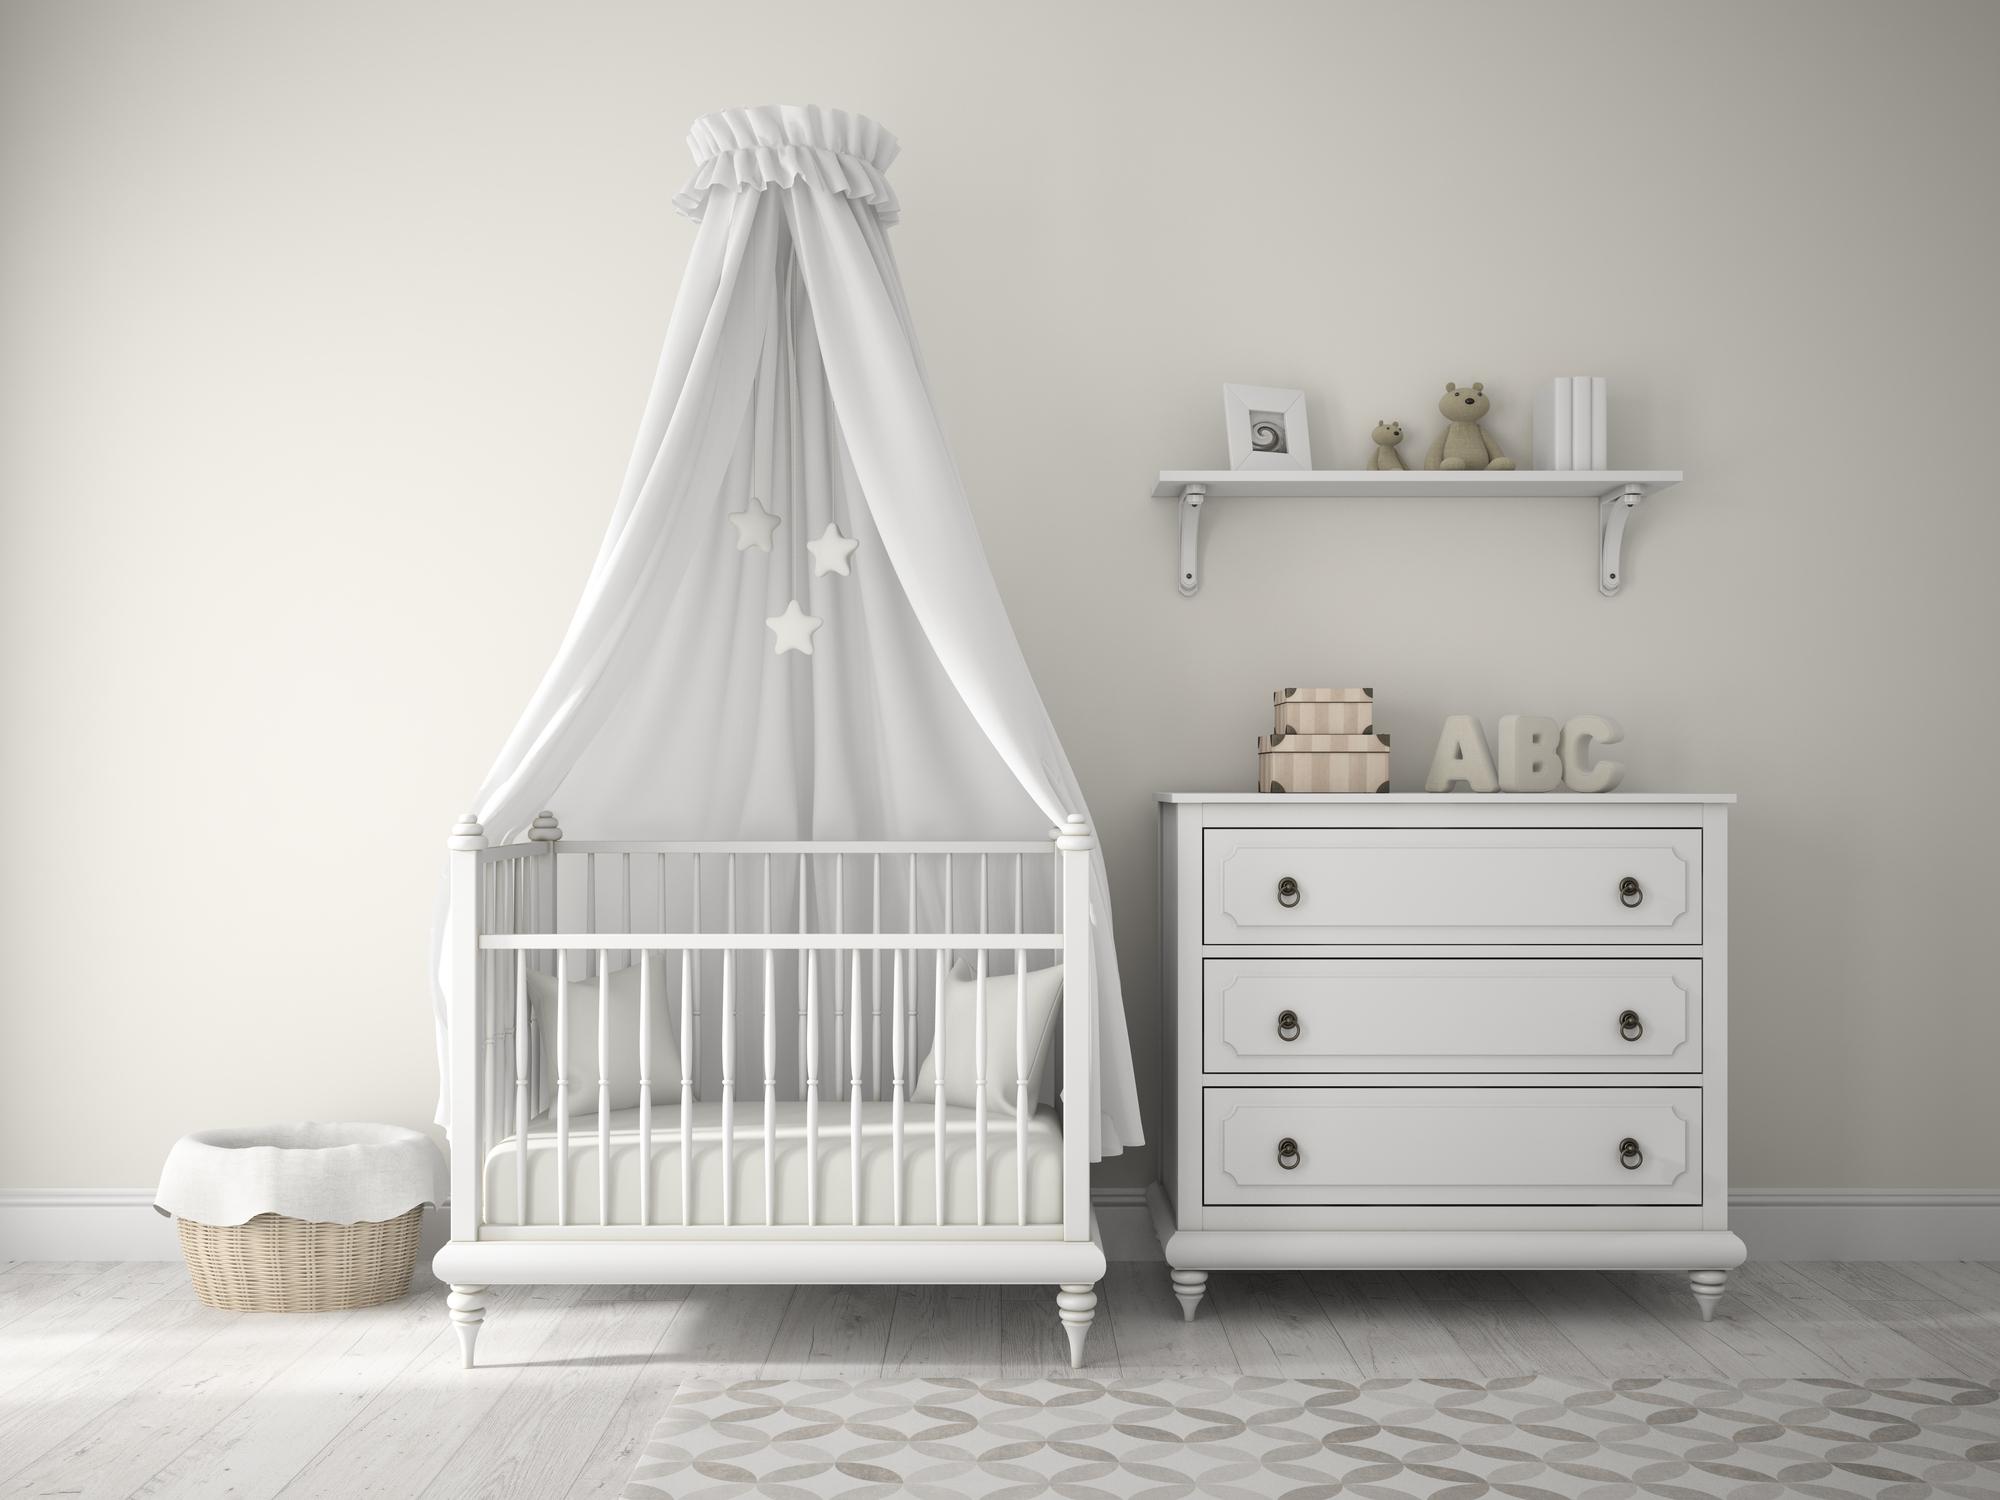 kleine babykamer inchten